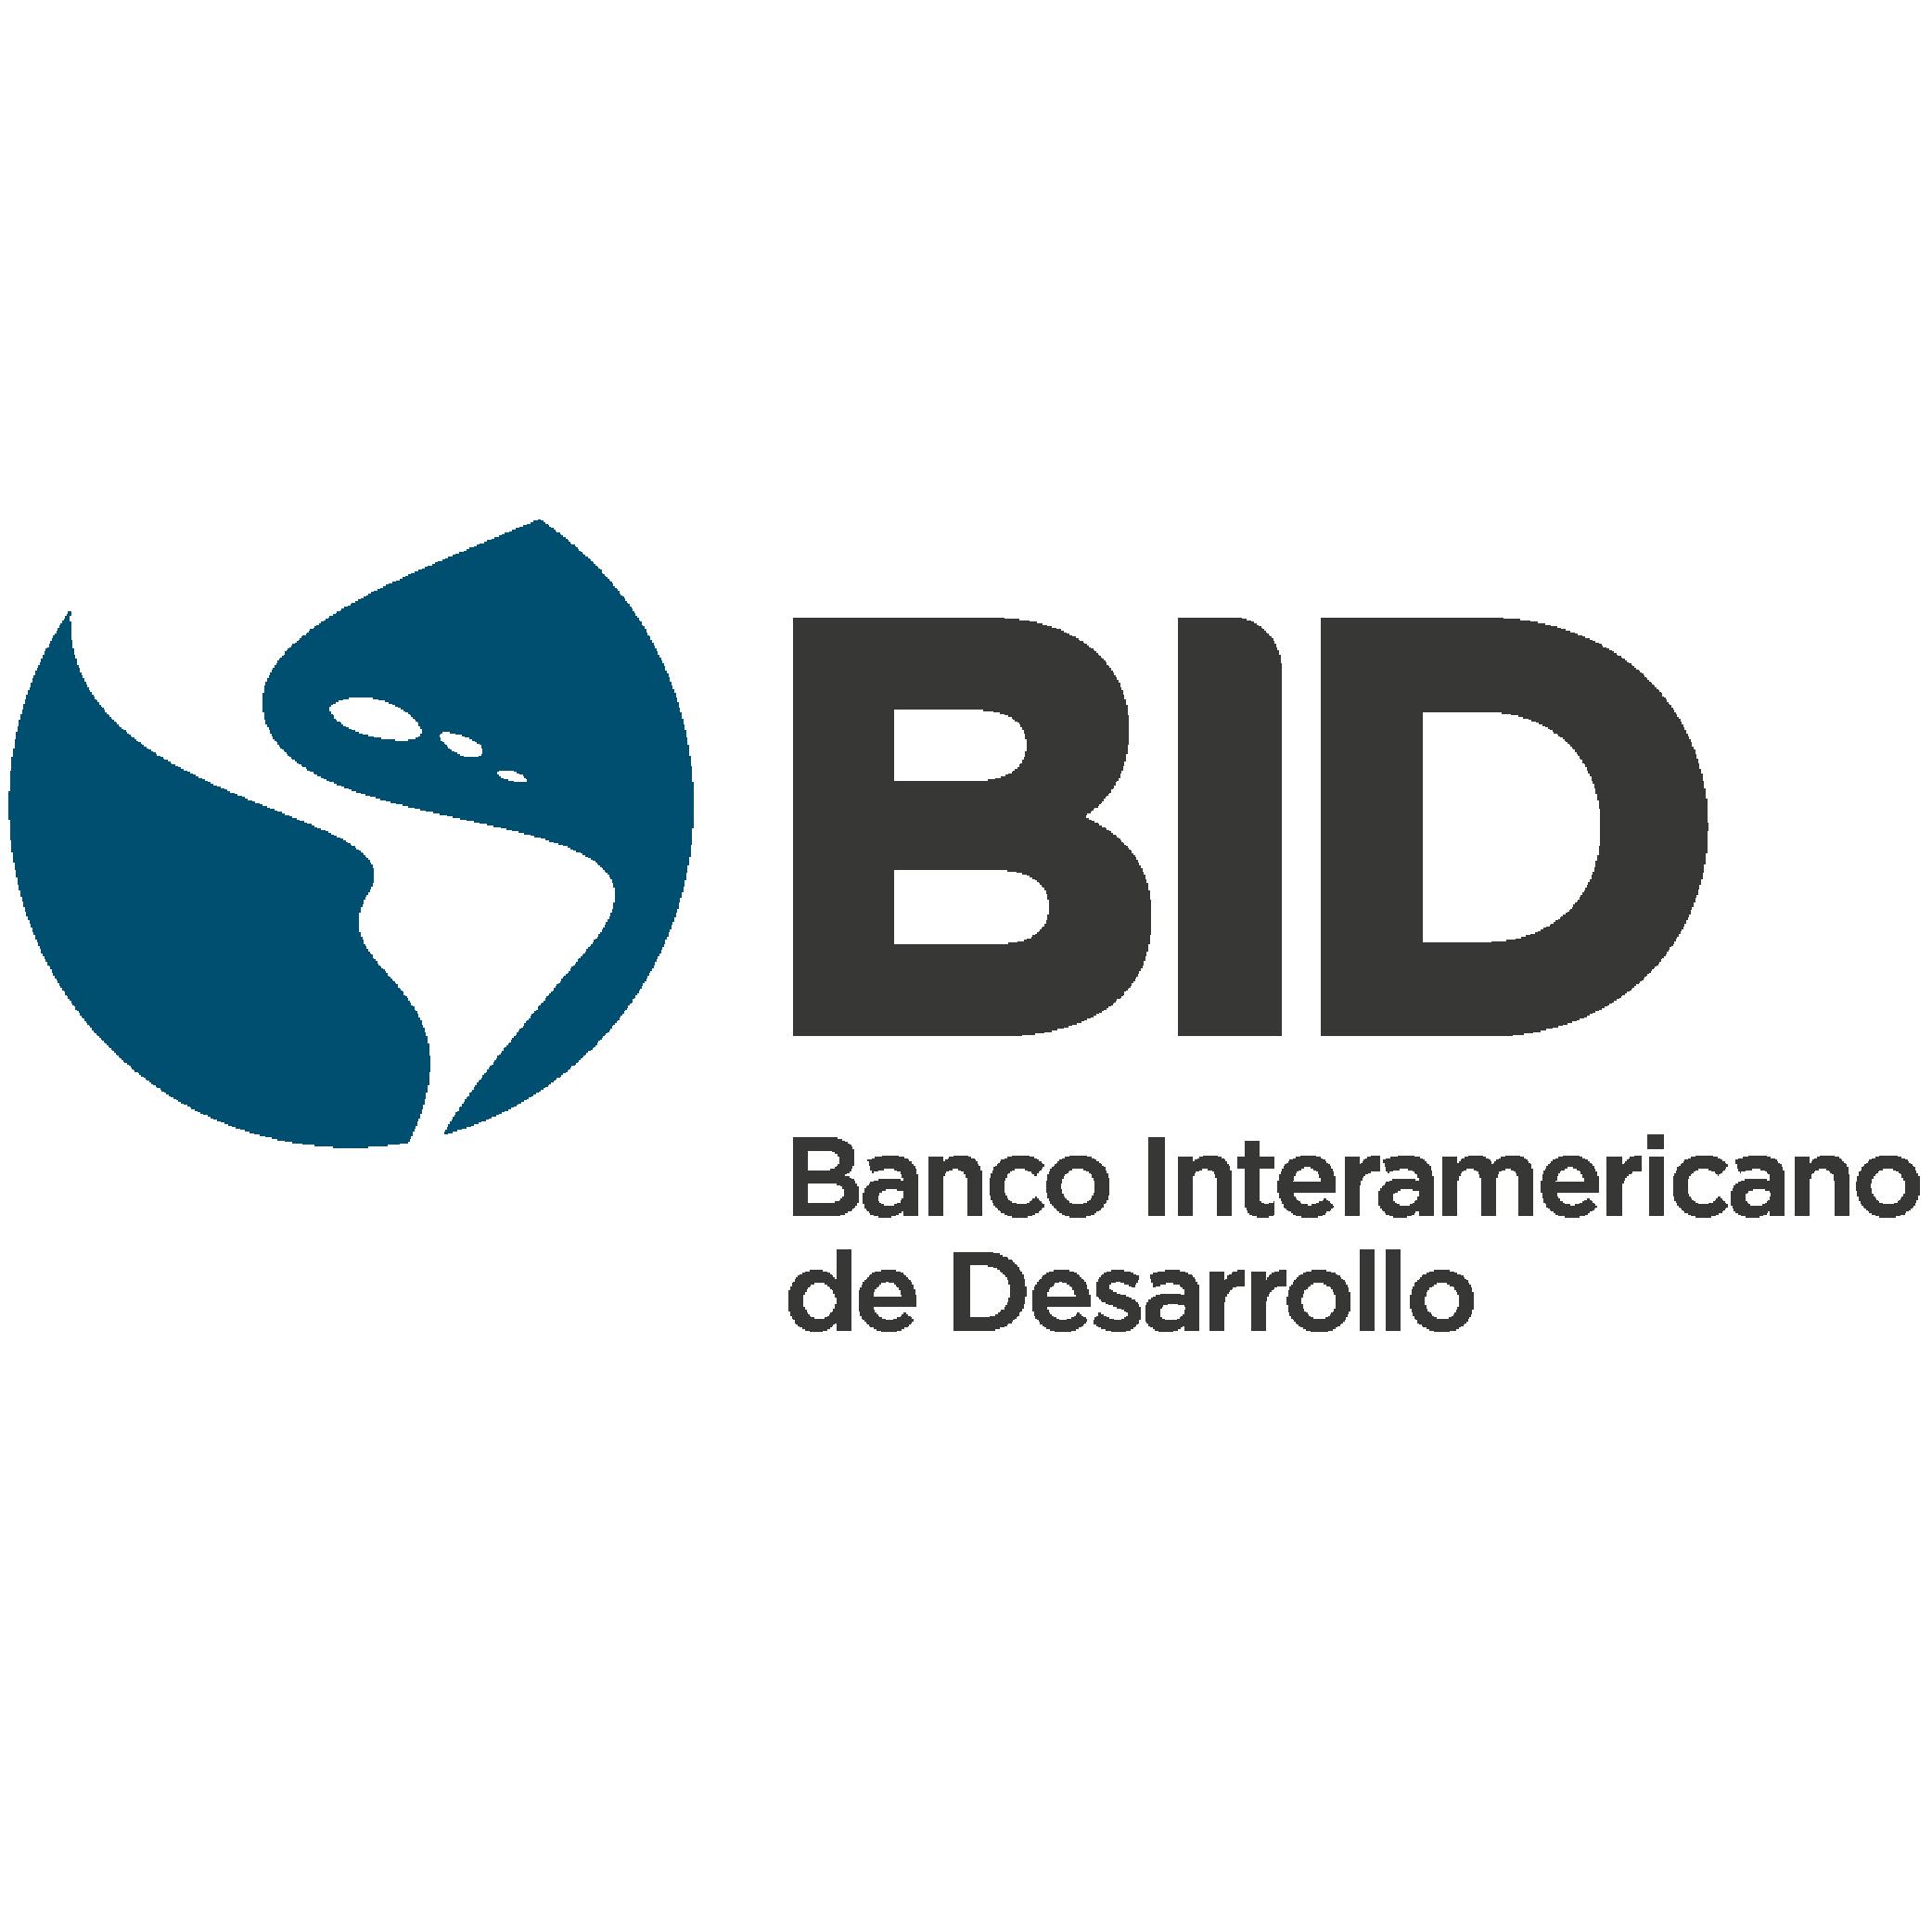 Banco Interamericano de Desarrollo Logo